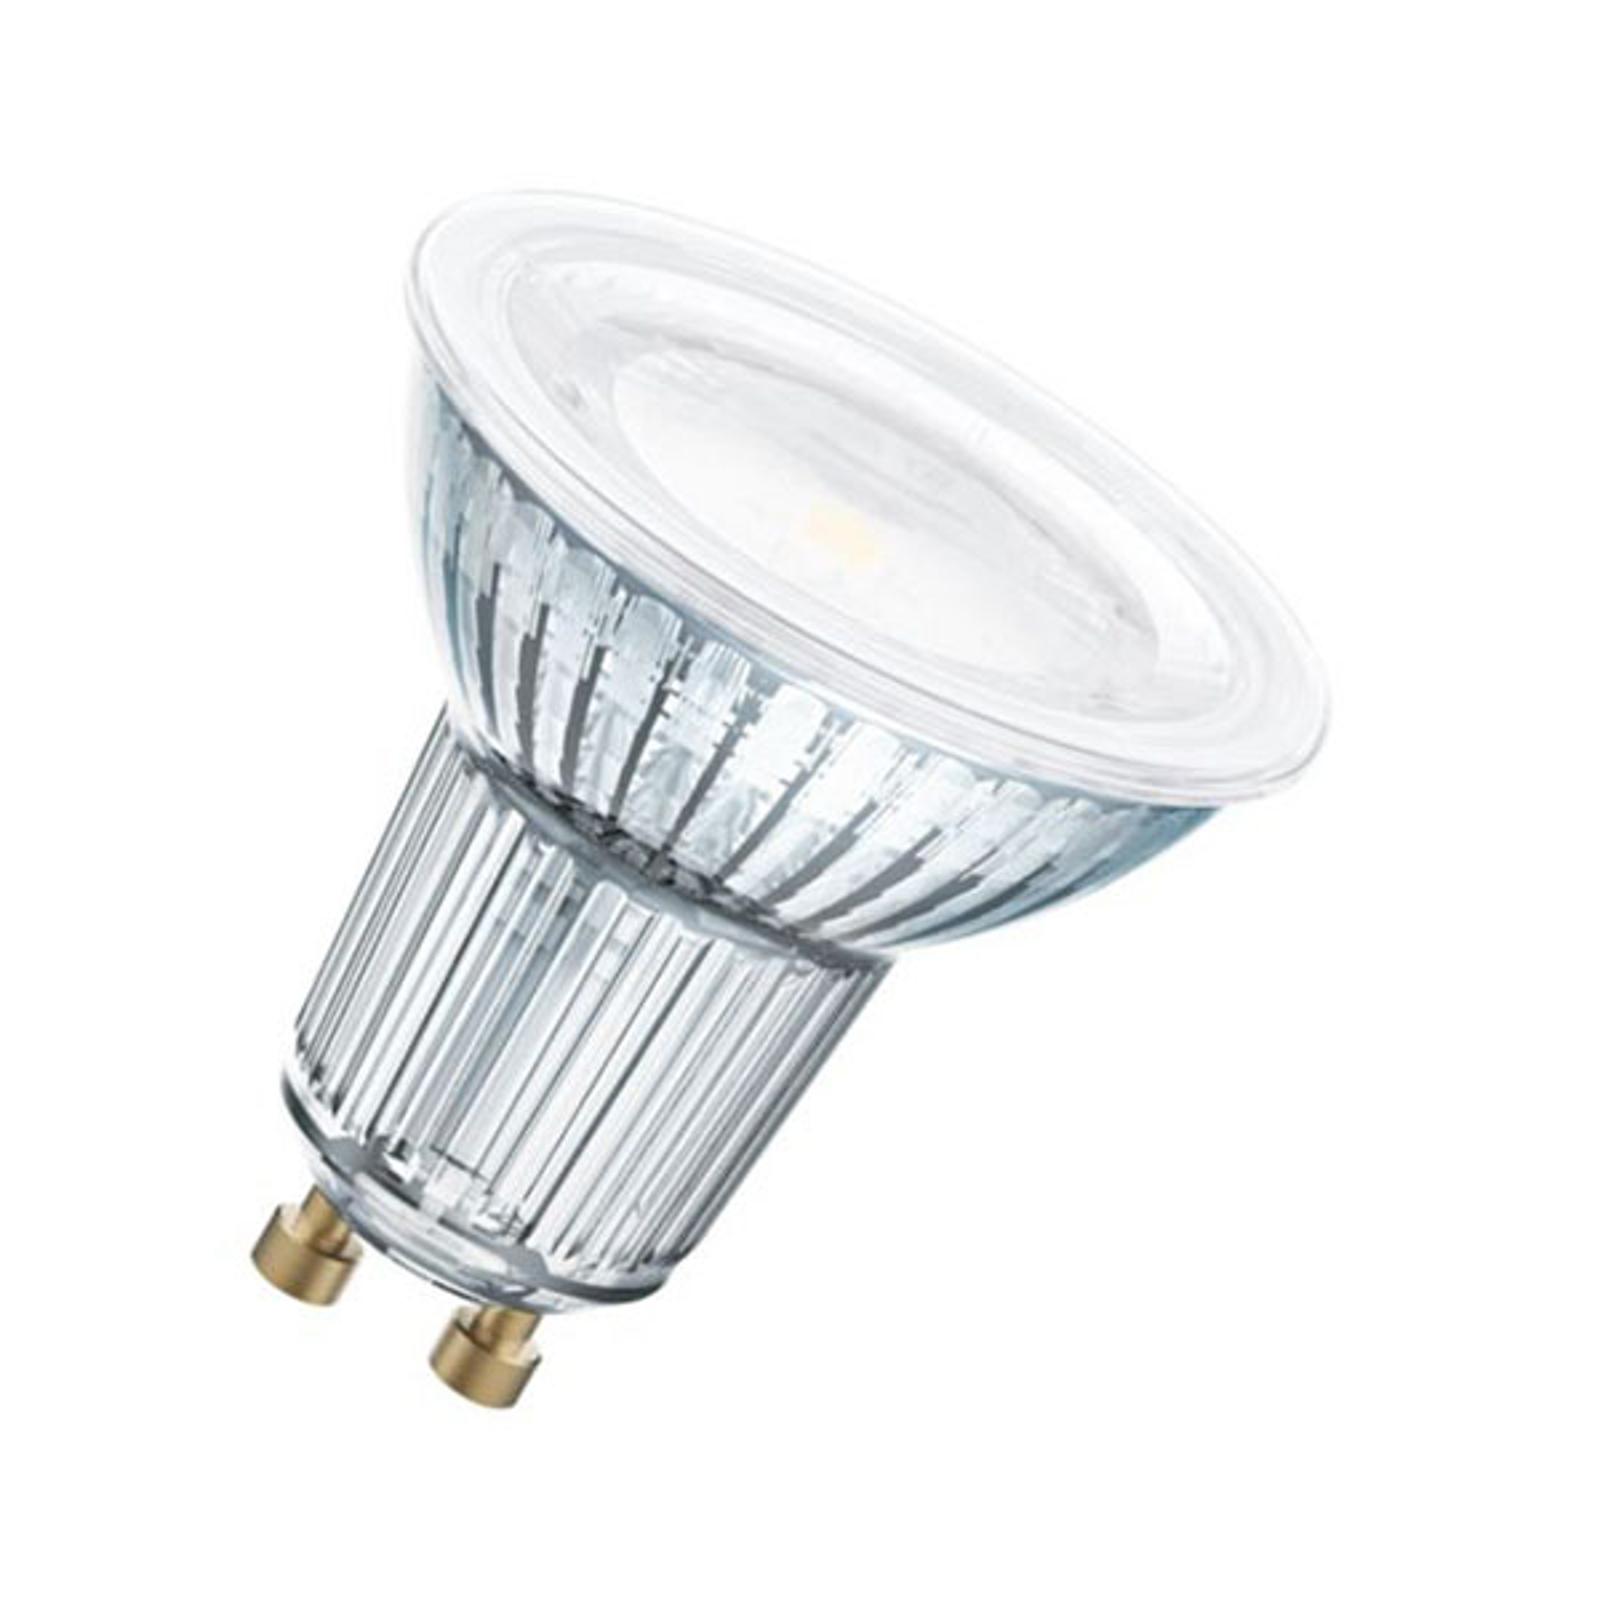 OSRAM LED-Reflektor GU10 6,9W warmweiß 120°